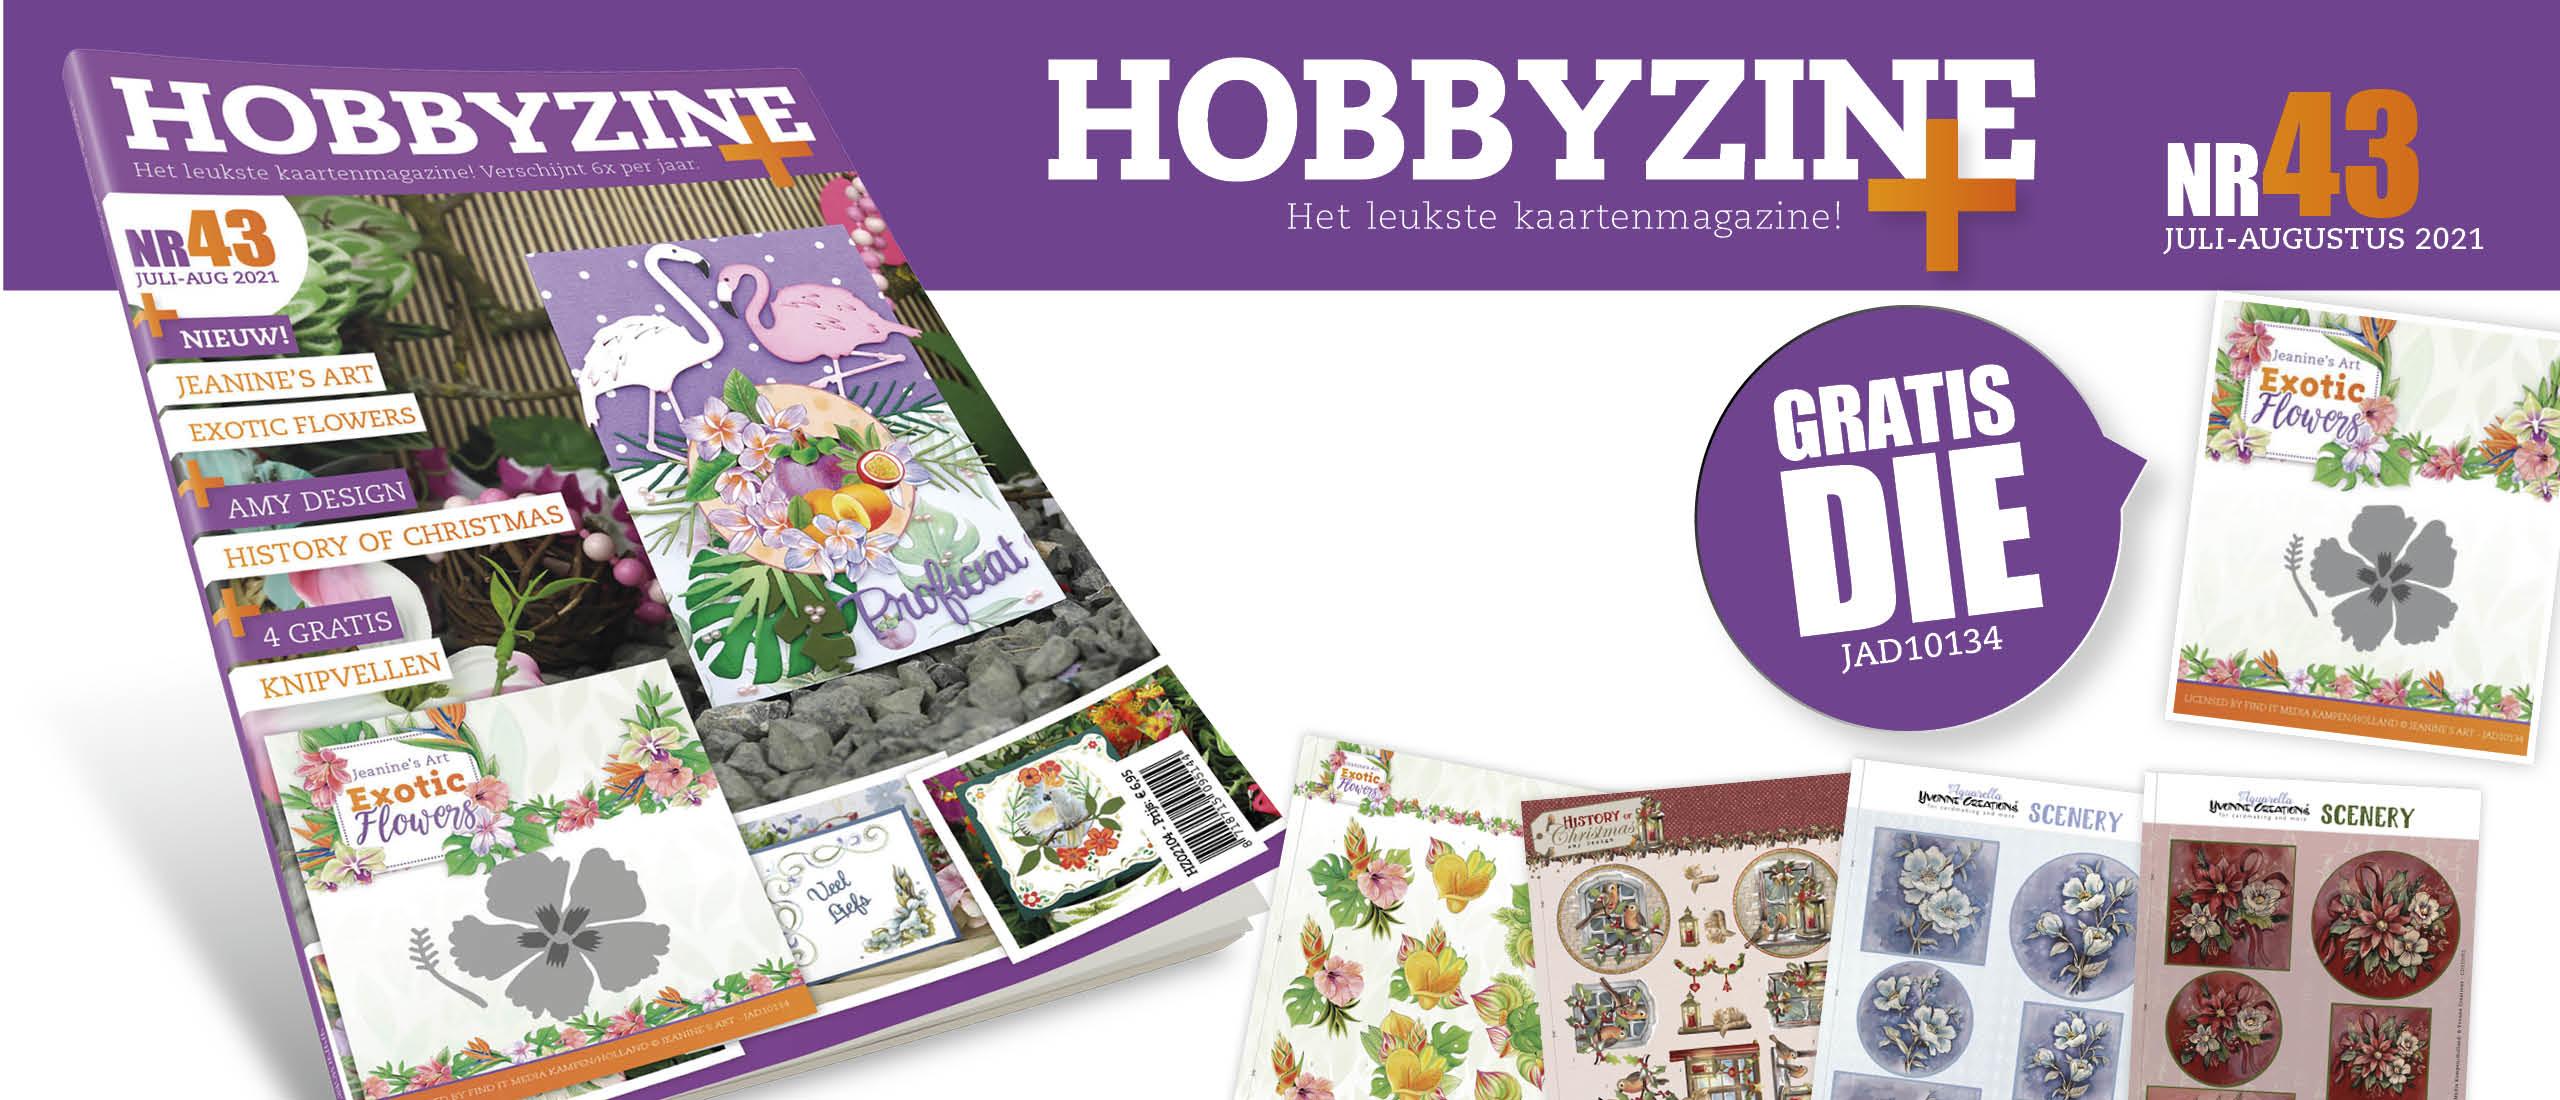 Gratis Scenery bij Hobbyzine 43